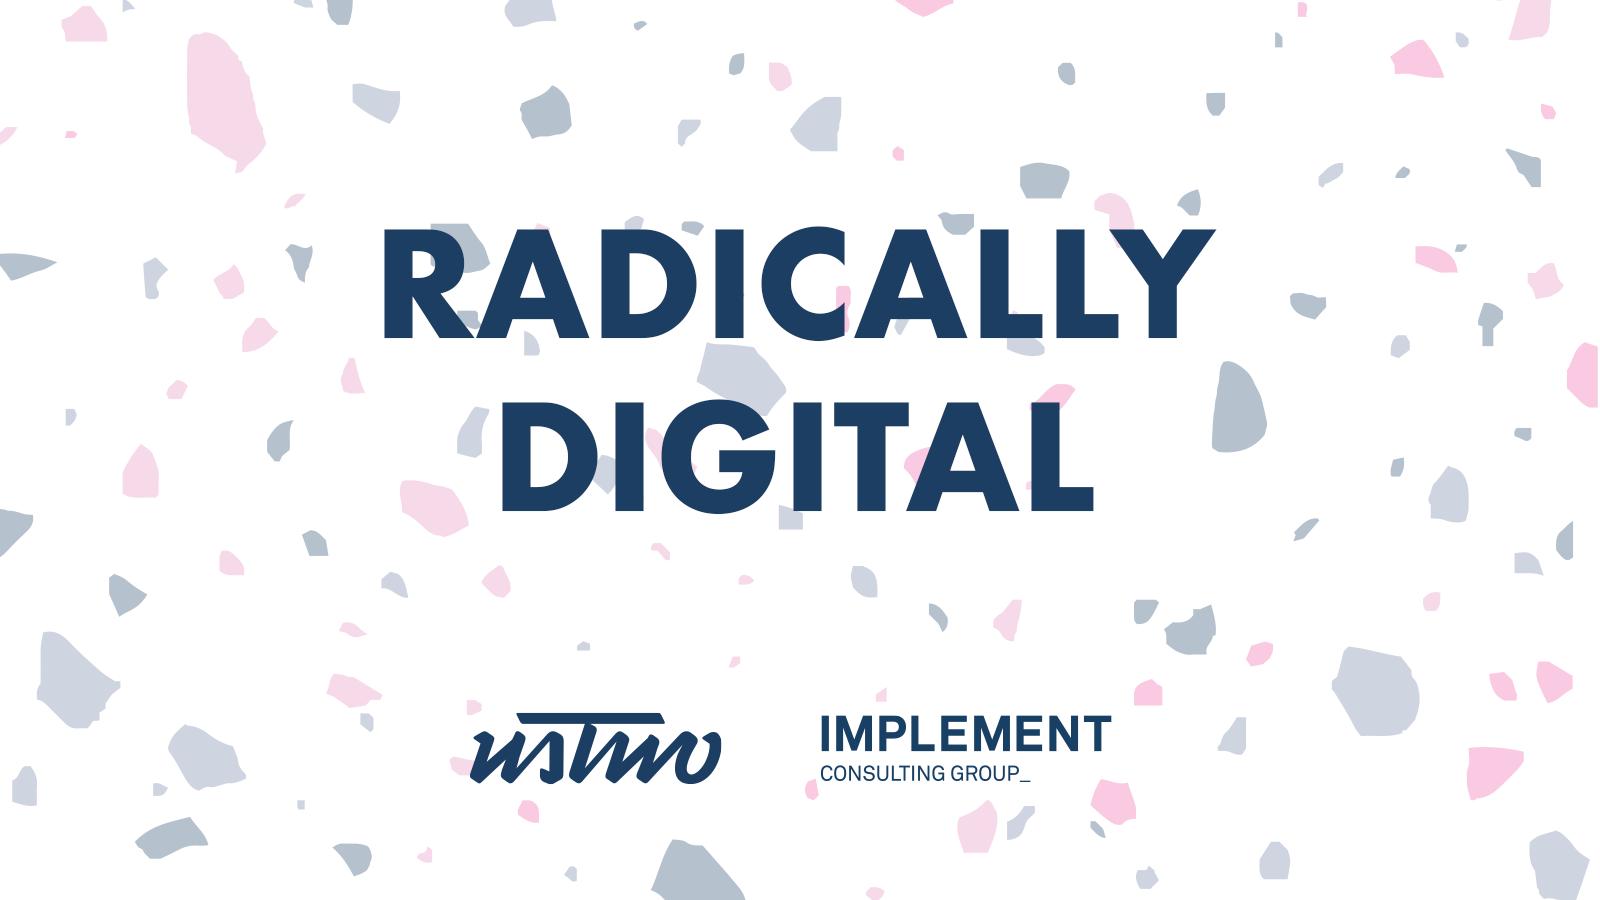 Radically Digital 2 copy